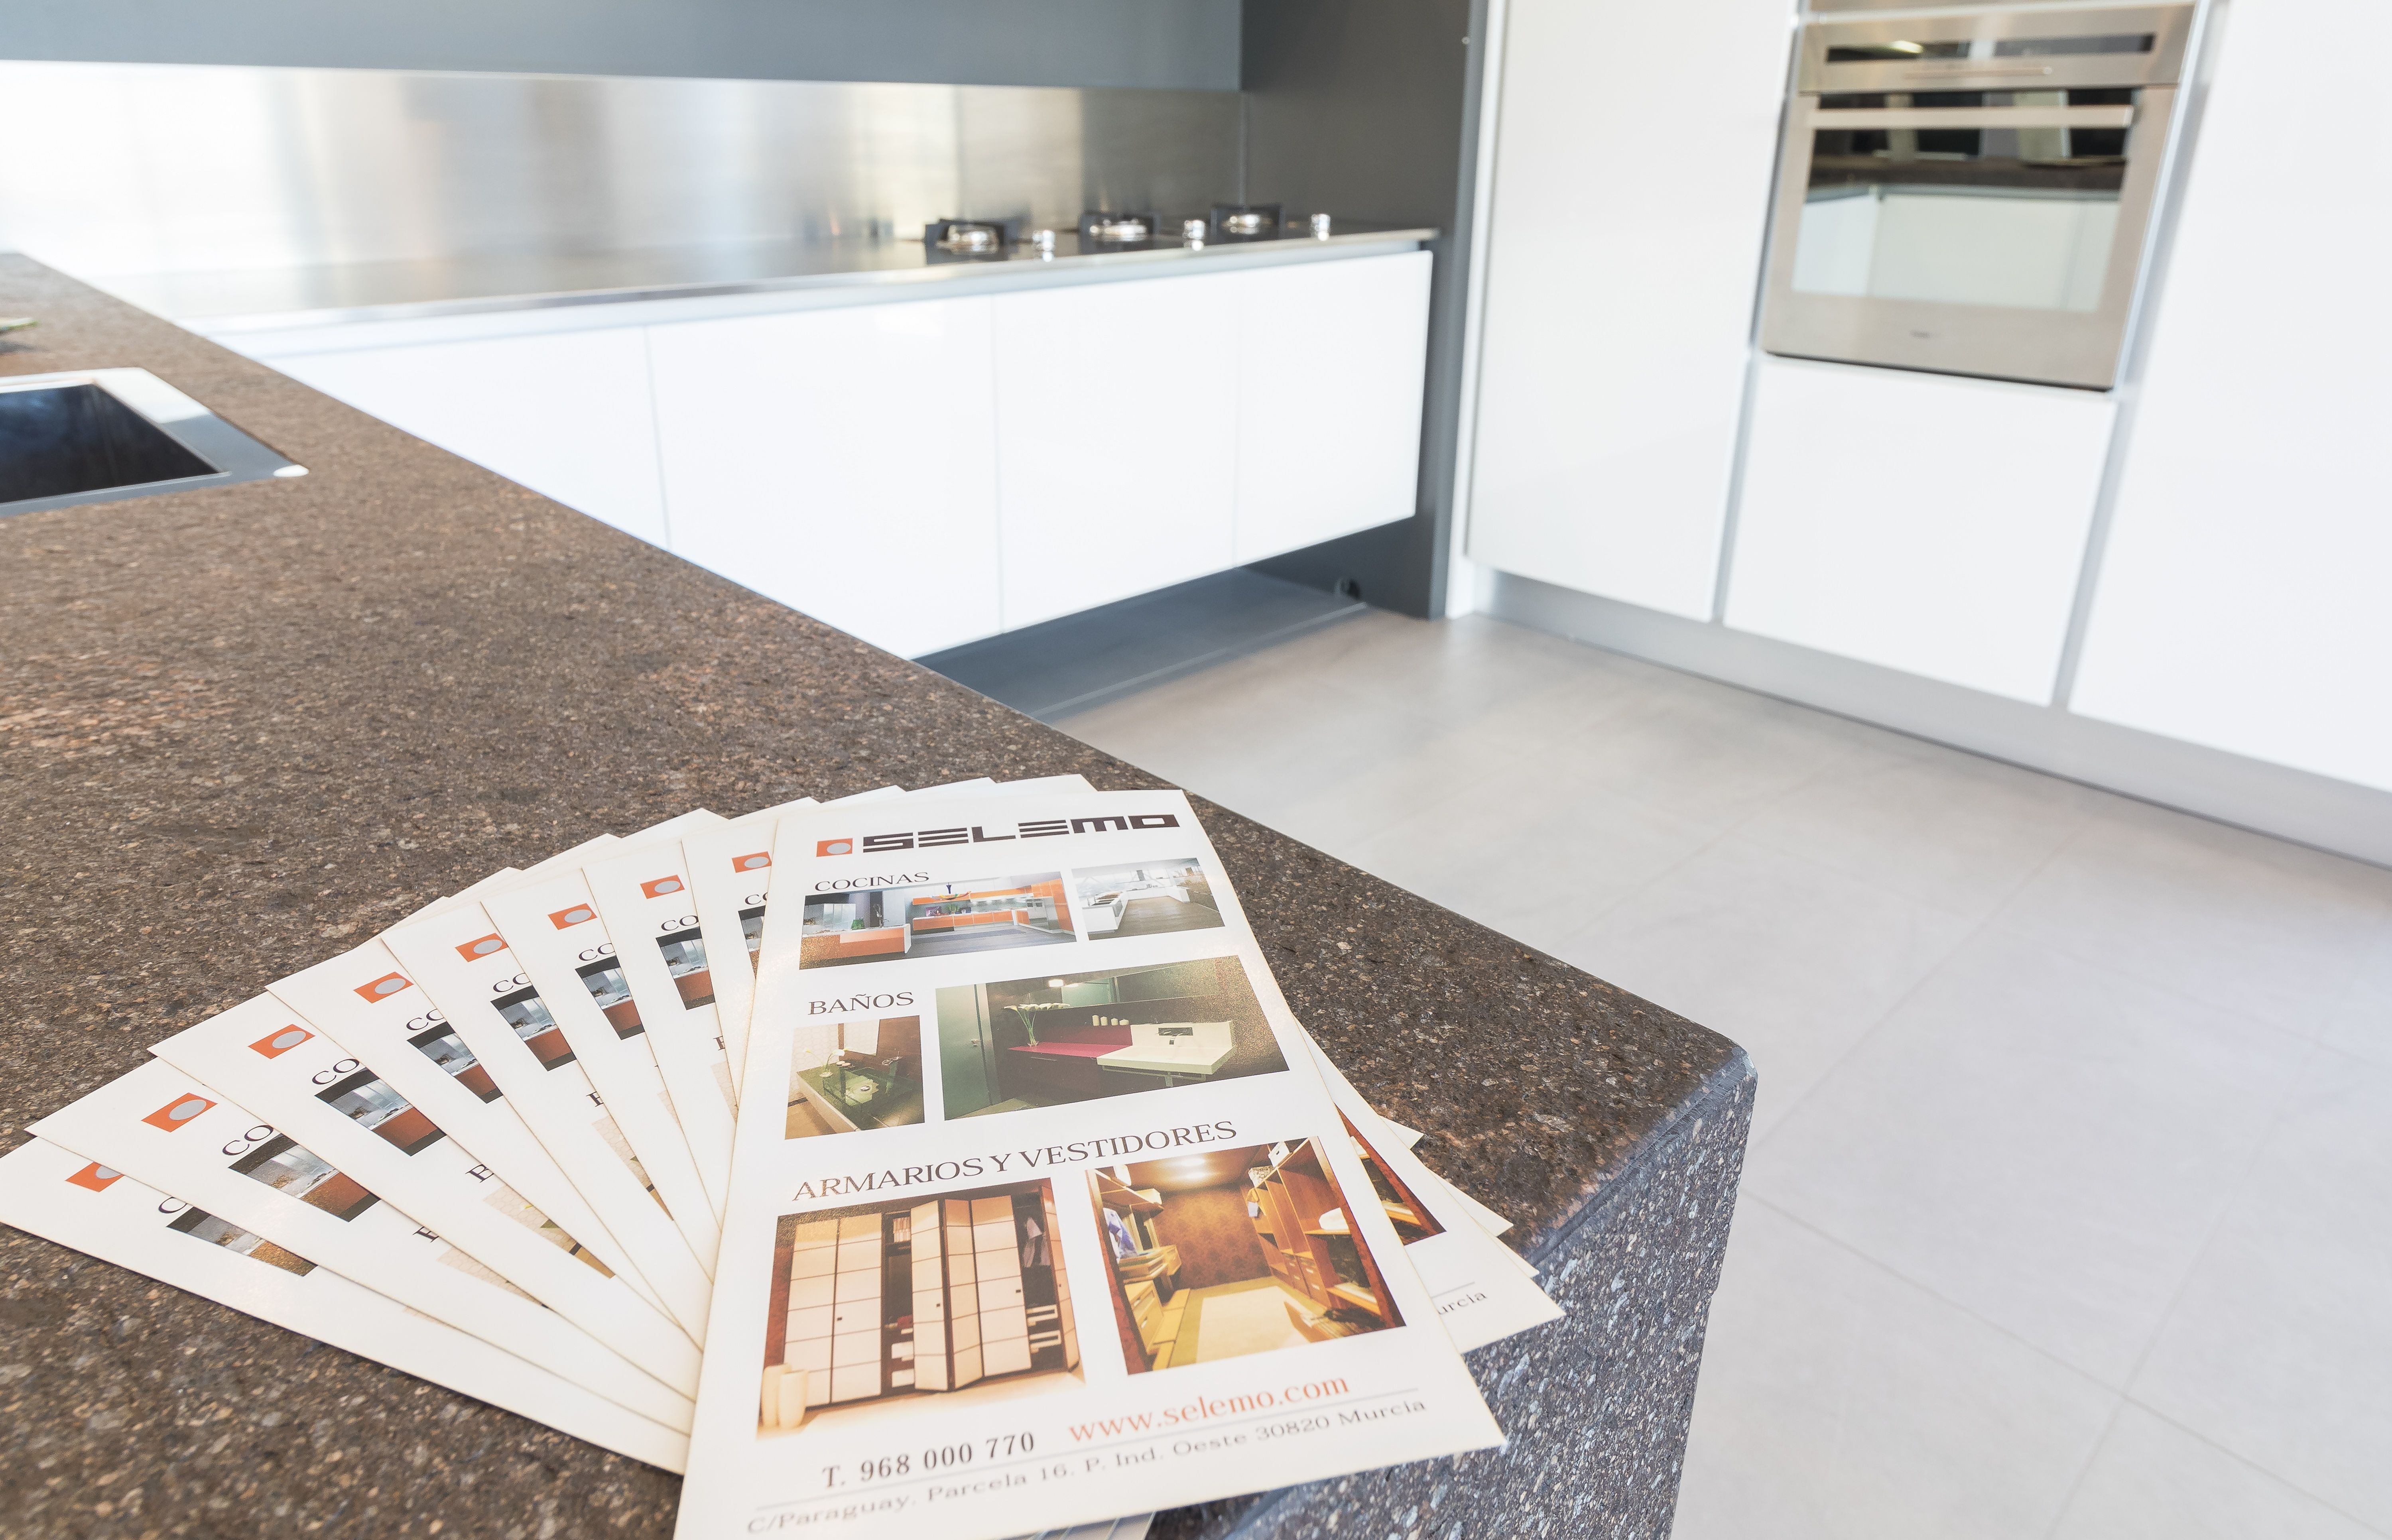 Amplio catálogo de mobiliario para cocinas y baños